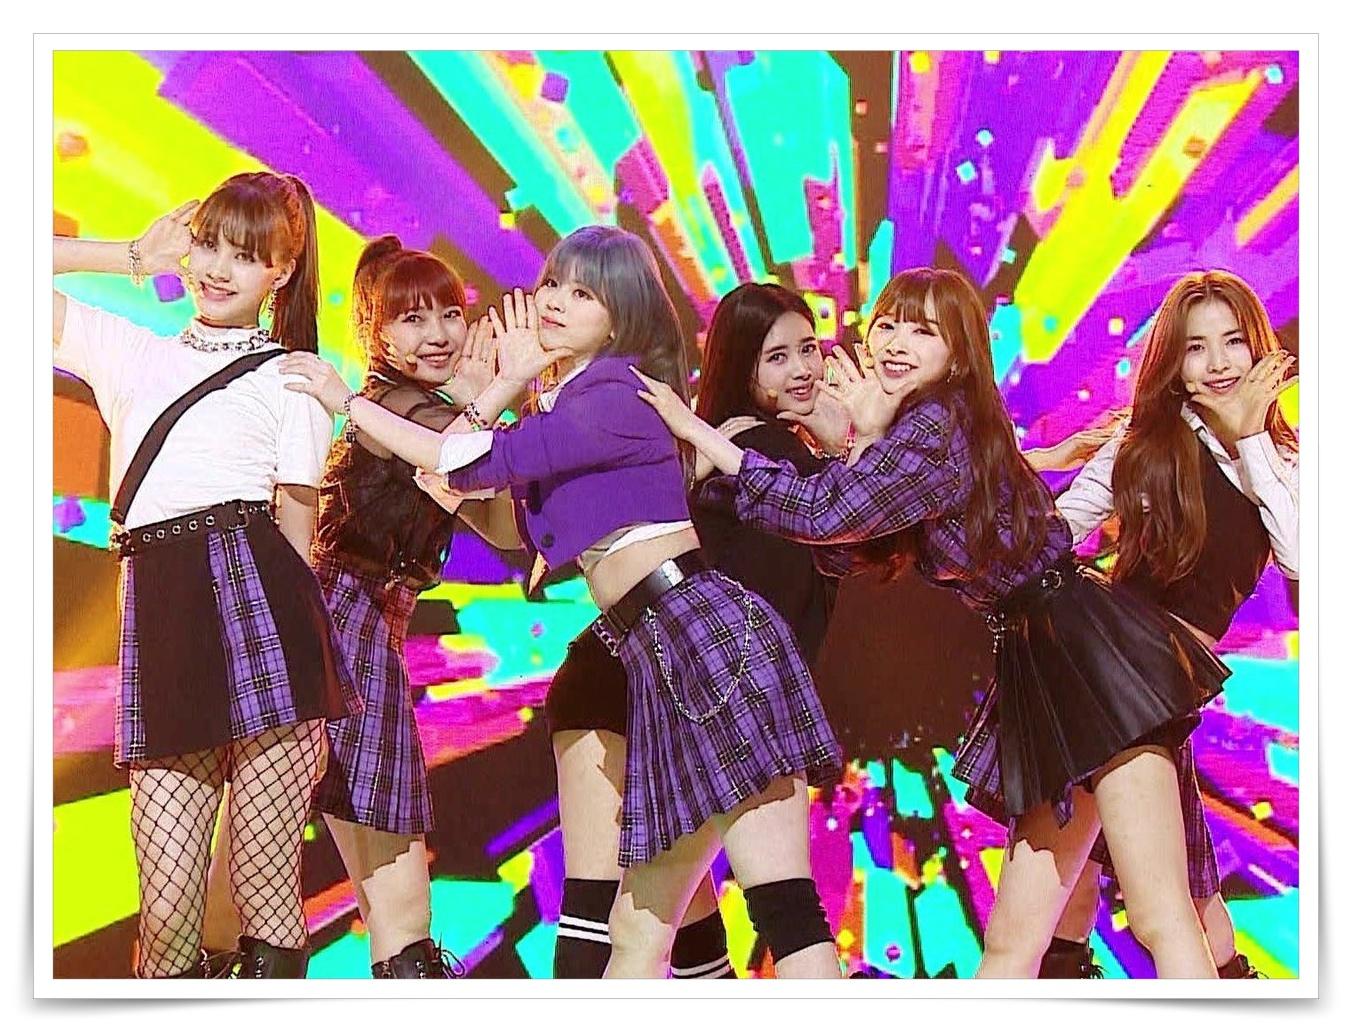 虹プロのファイナルステージのデビュー曲の画像